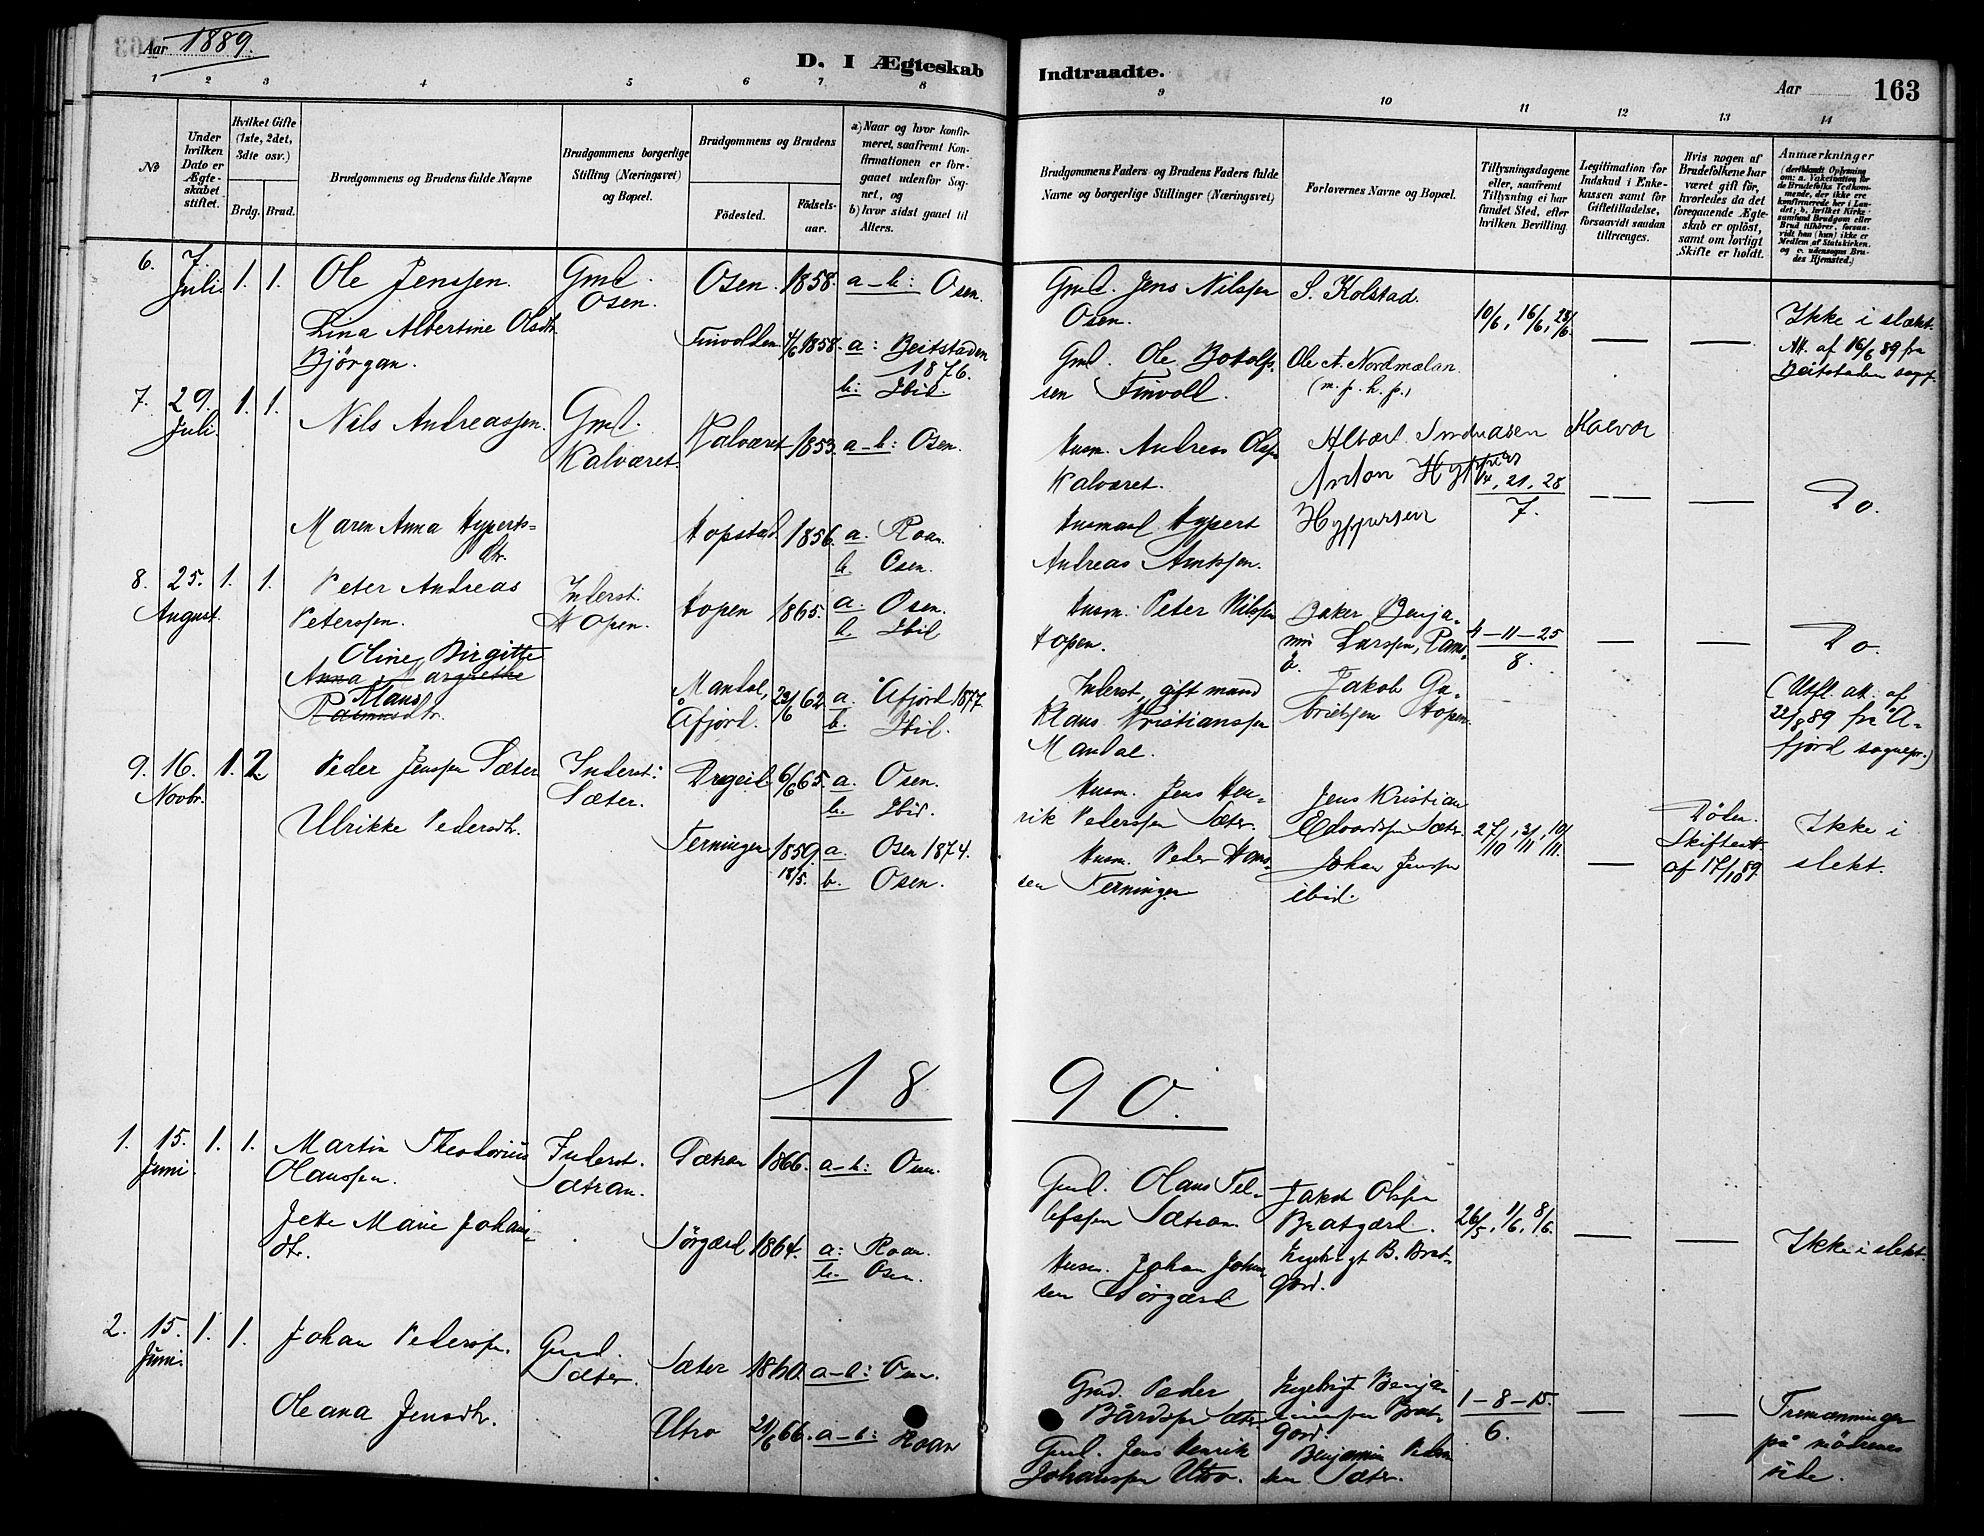 SAT, Ministerialprotokoller, klokkerbøker og fødselsregistre - Sør-Trøndelag, 658/L0722: Ministerialbok nr. 658A01, 1879-1896, s. 163